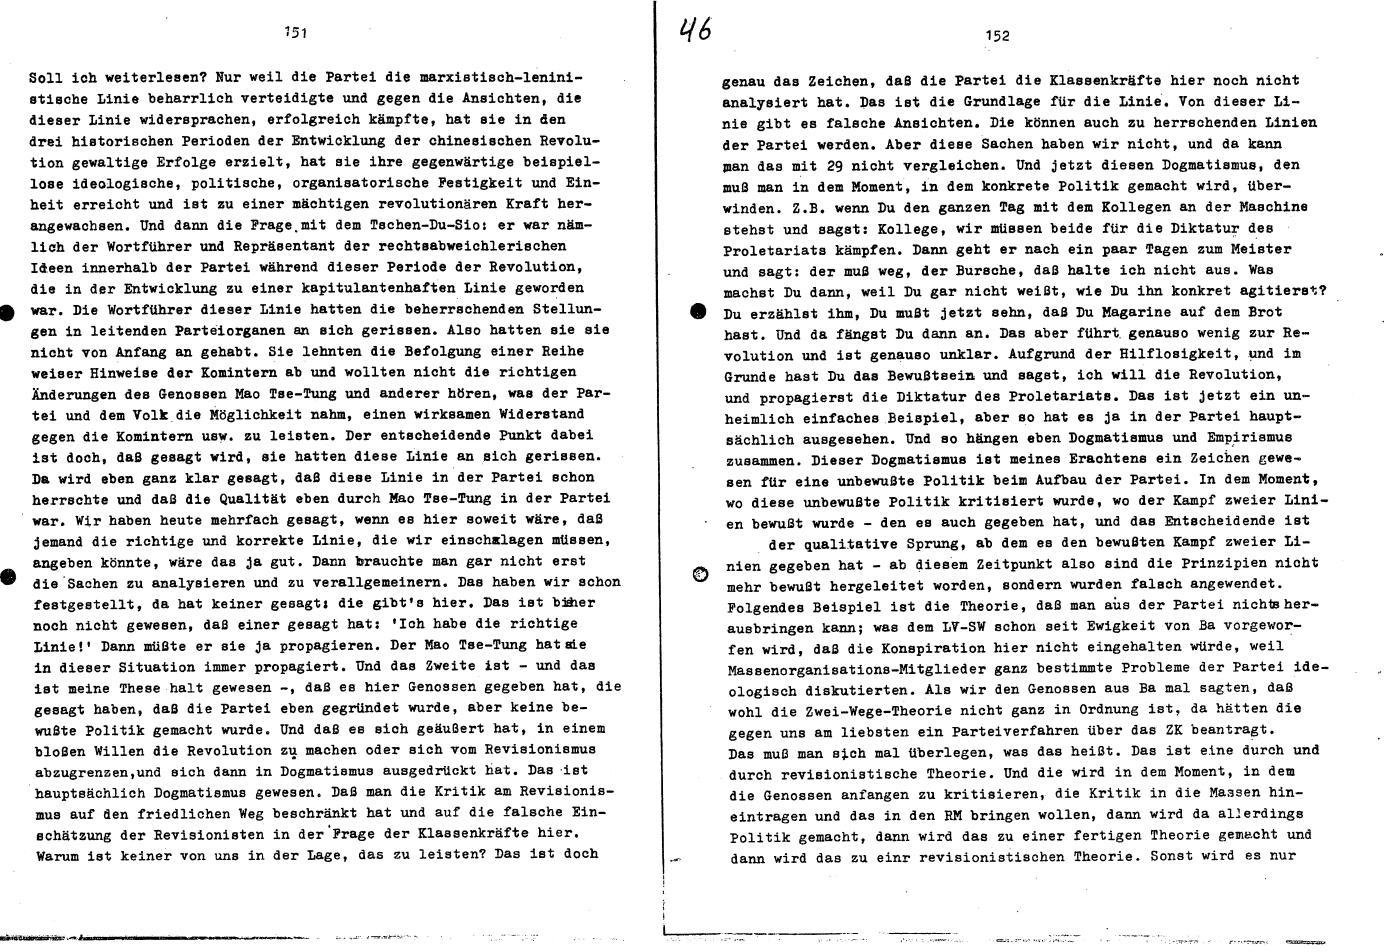 KPDML_1971_Wortprotokolle_aoPt_112